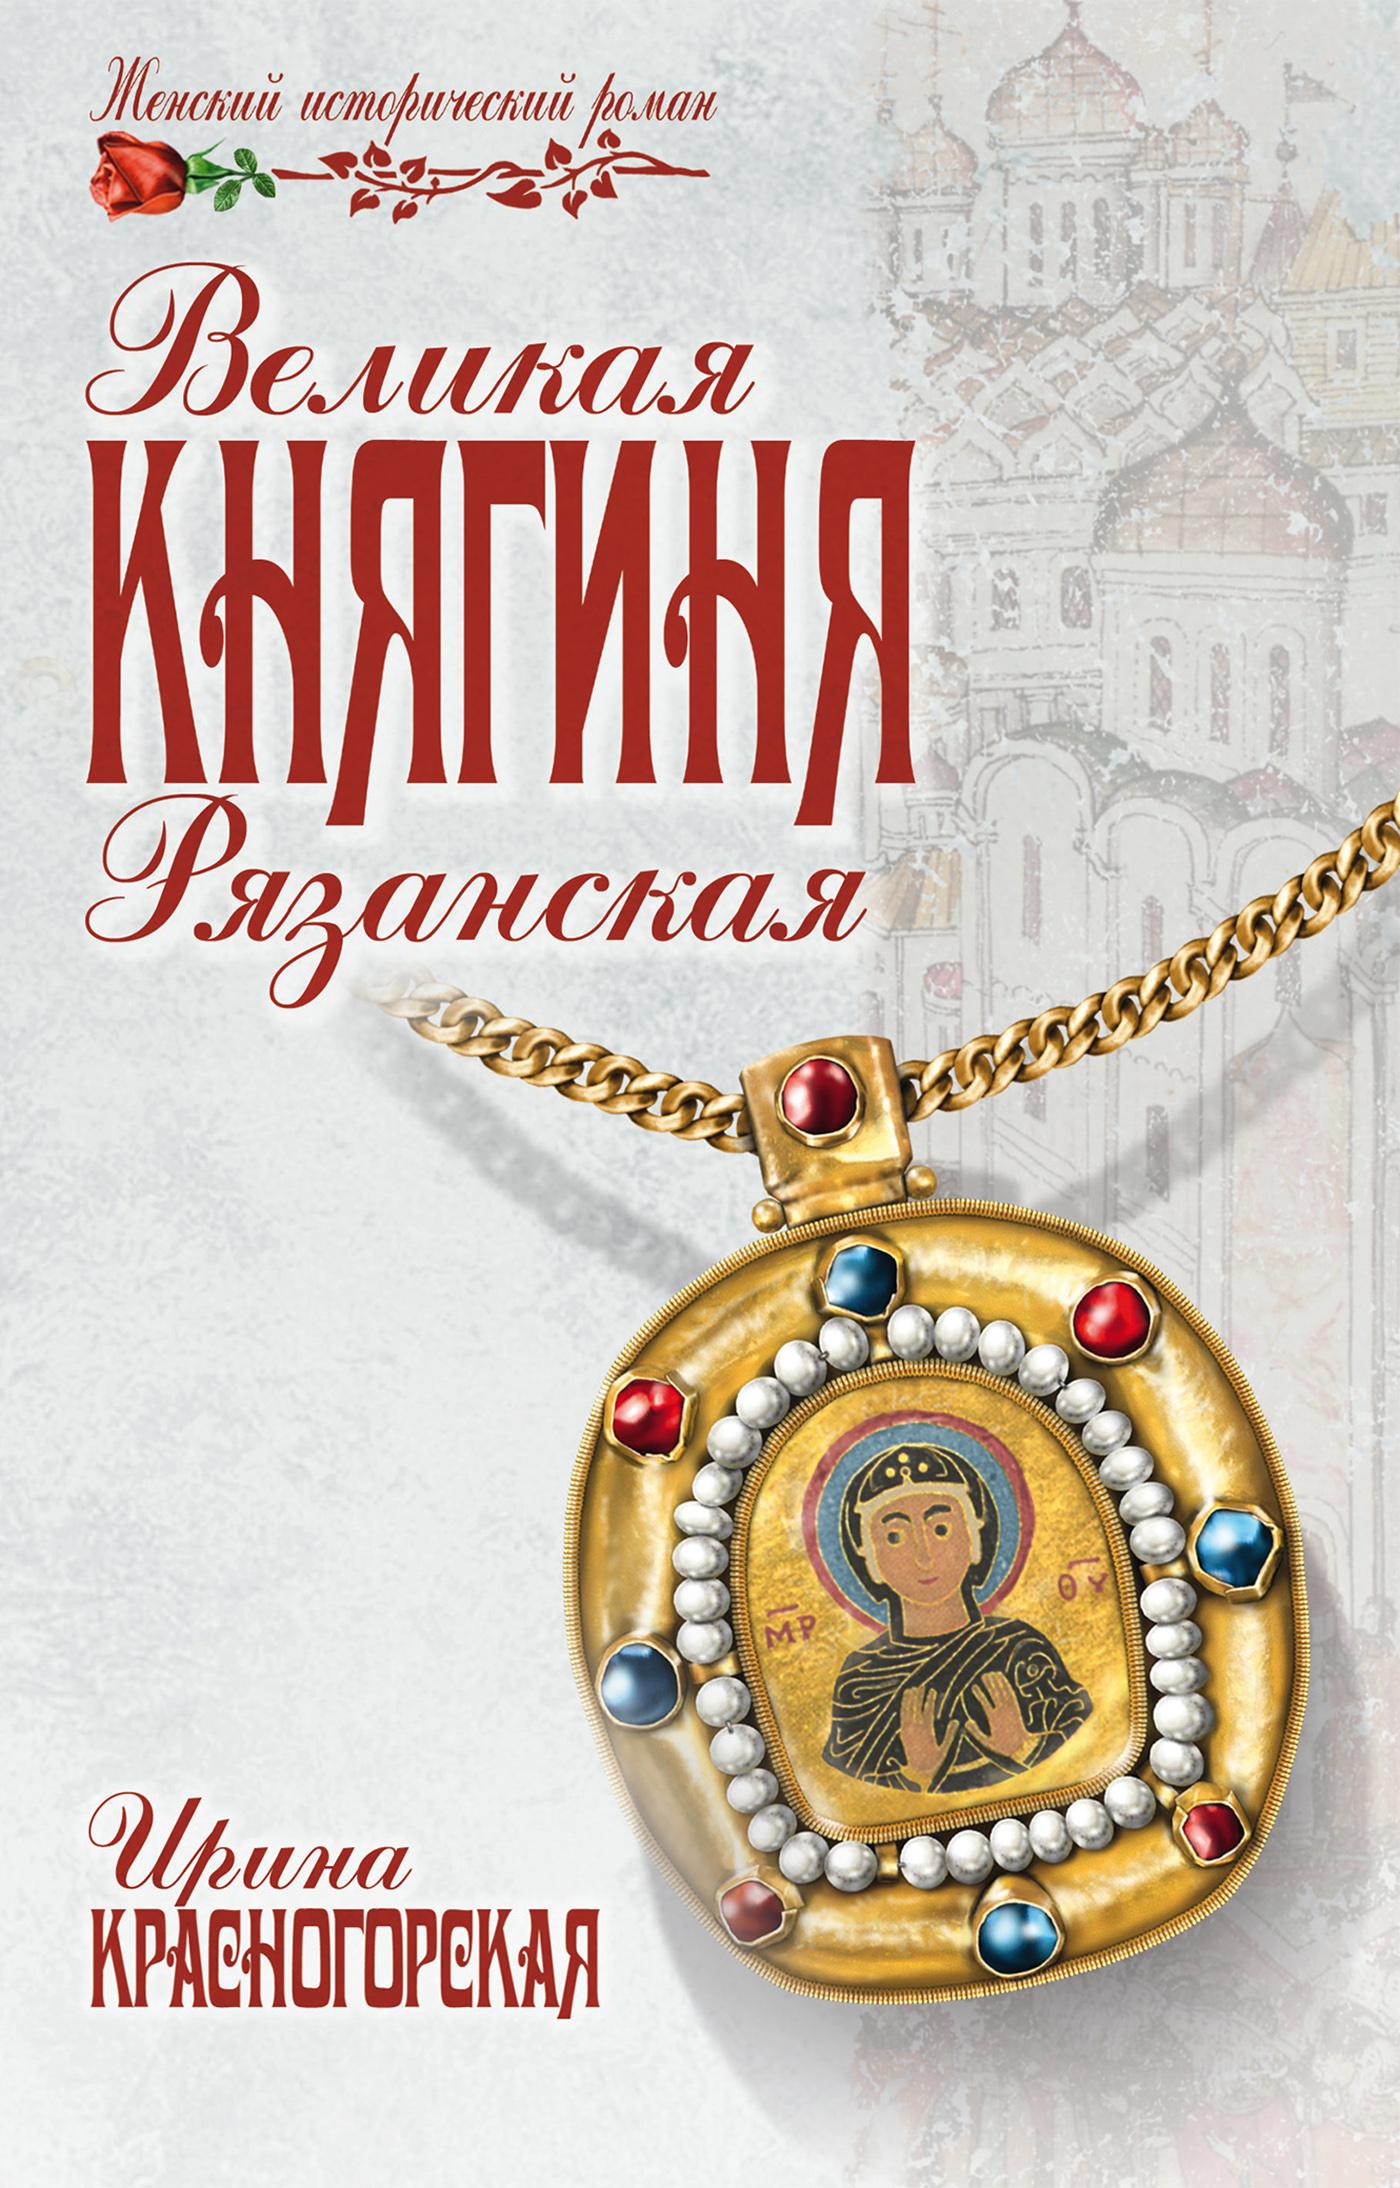 Ирина Красногорская Великая княгиня Рязанская